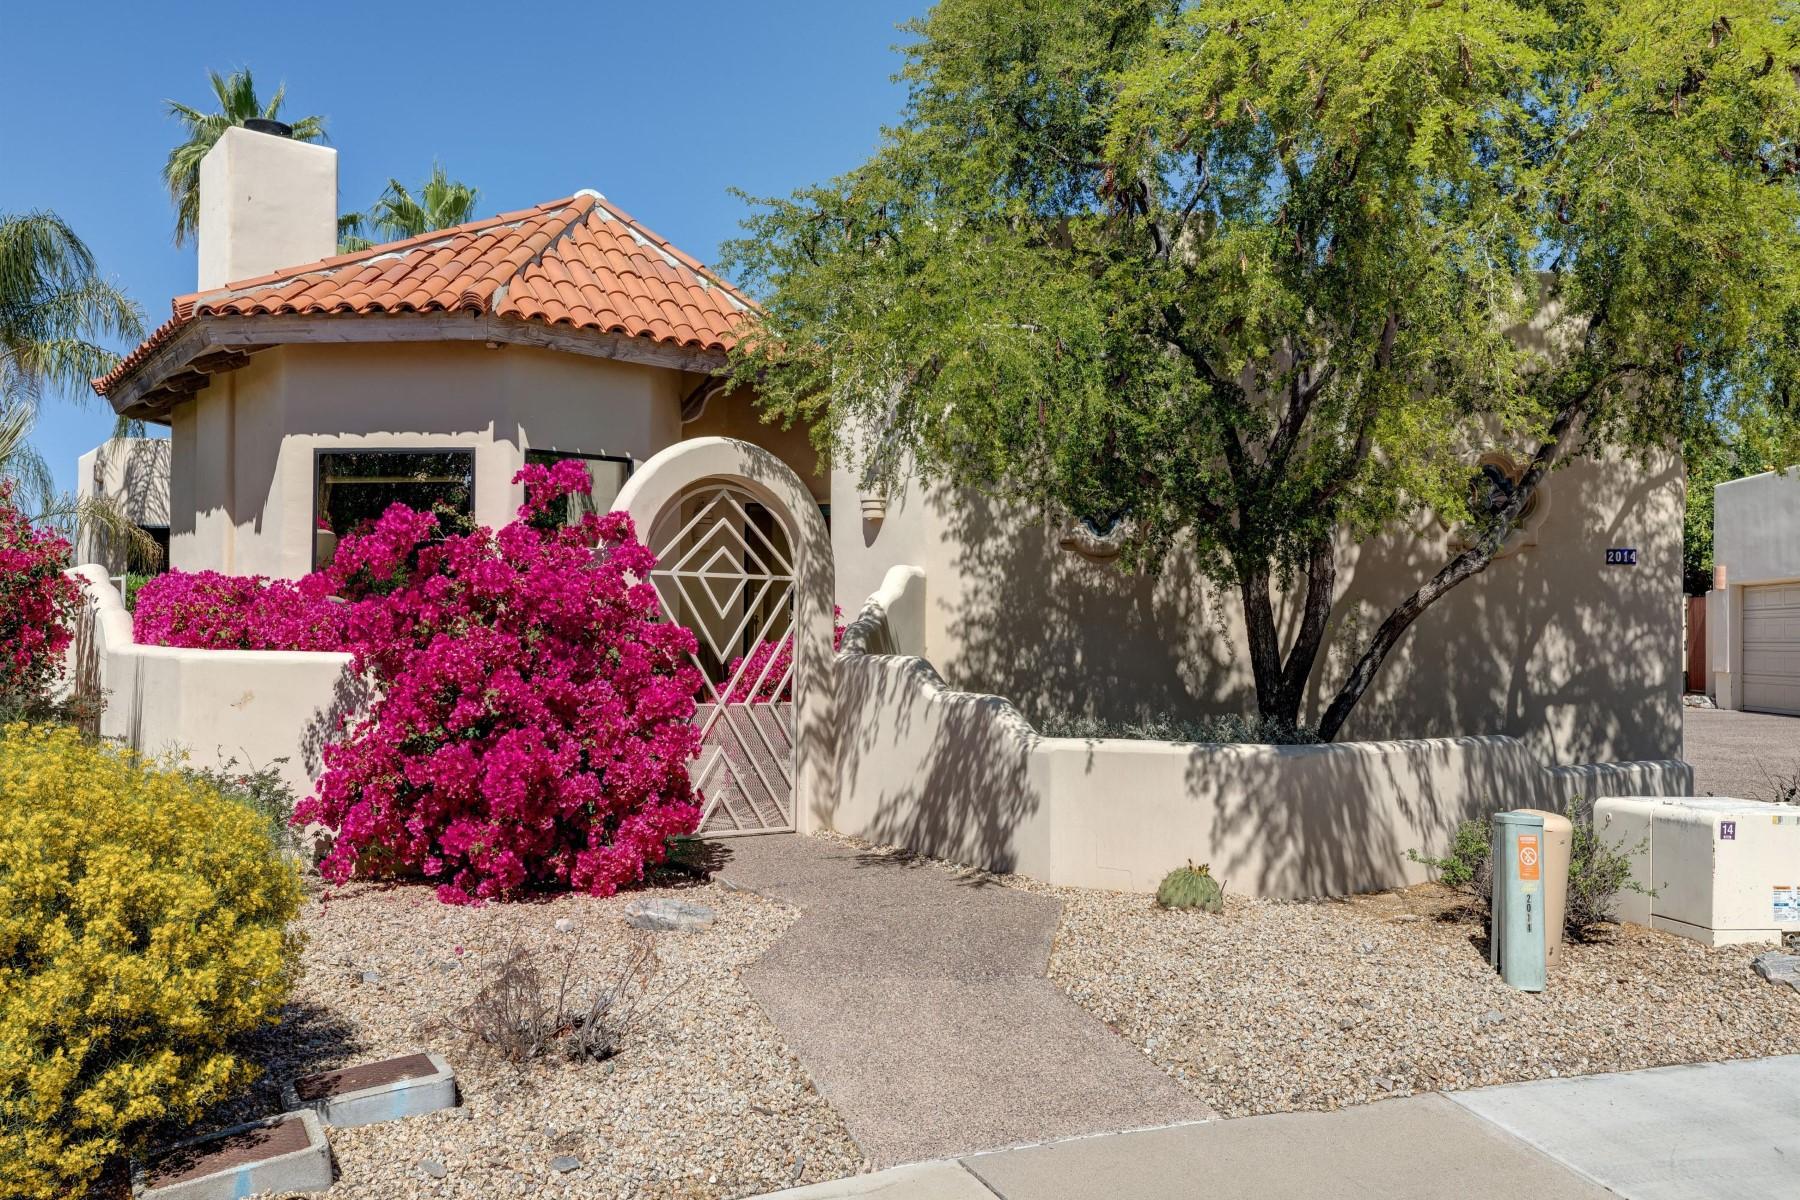 Einfamilienhaus für Verkauf beim Beautifully designed home located in gated Villas Encantadas 2014 E Northview Ave Phoenix, Arizona, 85020 Vereinigte Staaten